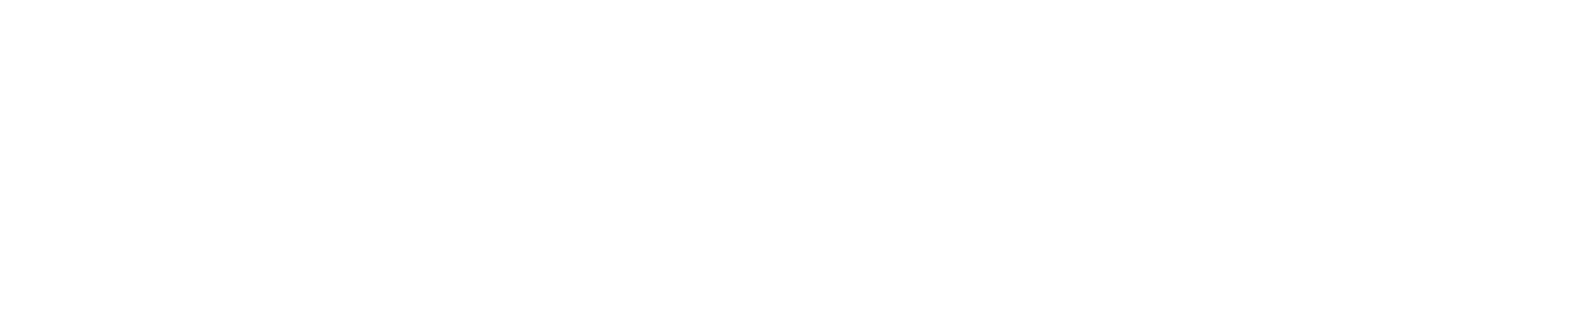 aizengama – 波佐見から広がる、より豊かな生活 波佐見焼工房 藍染窯